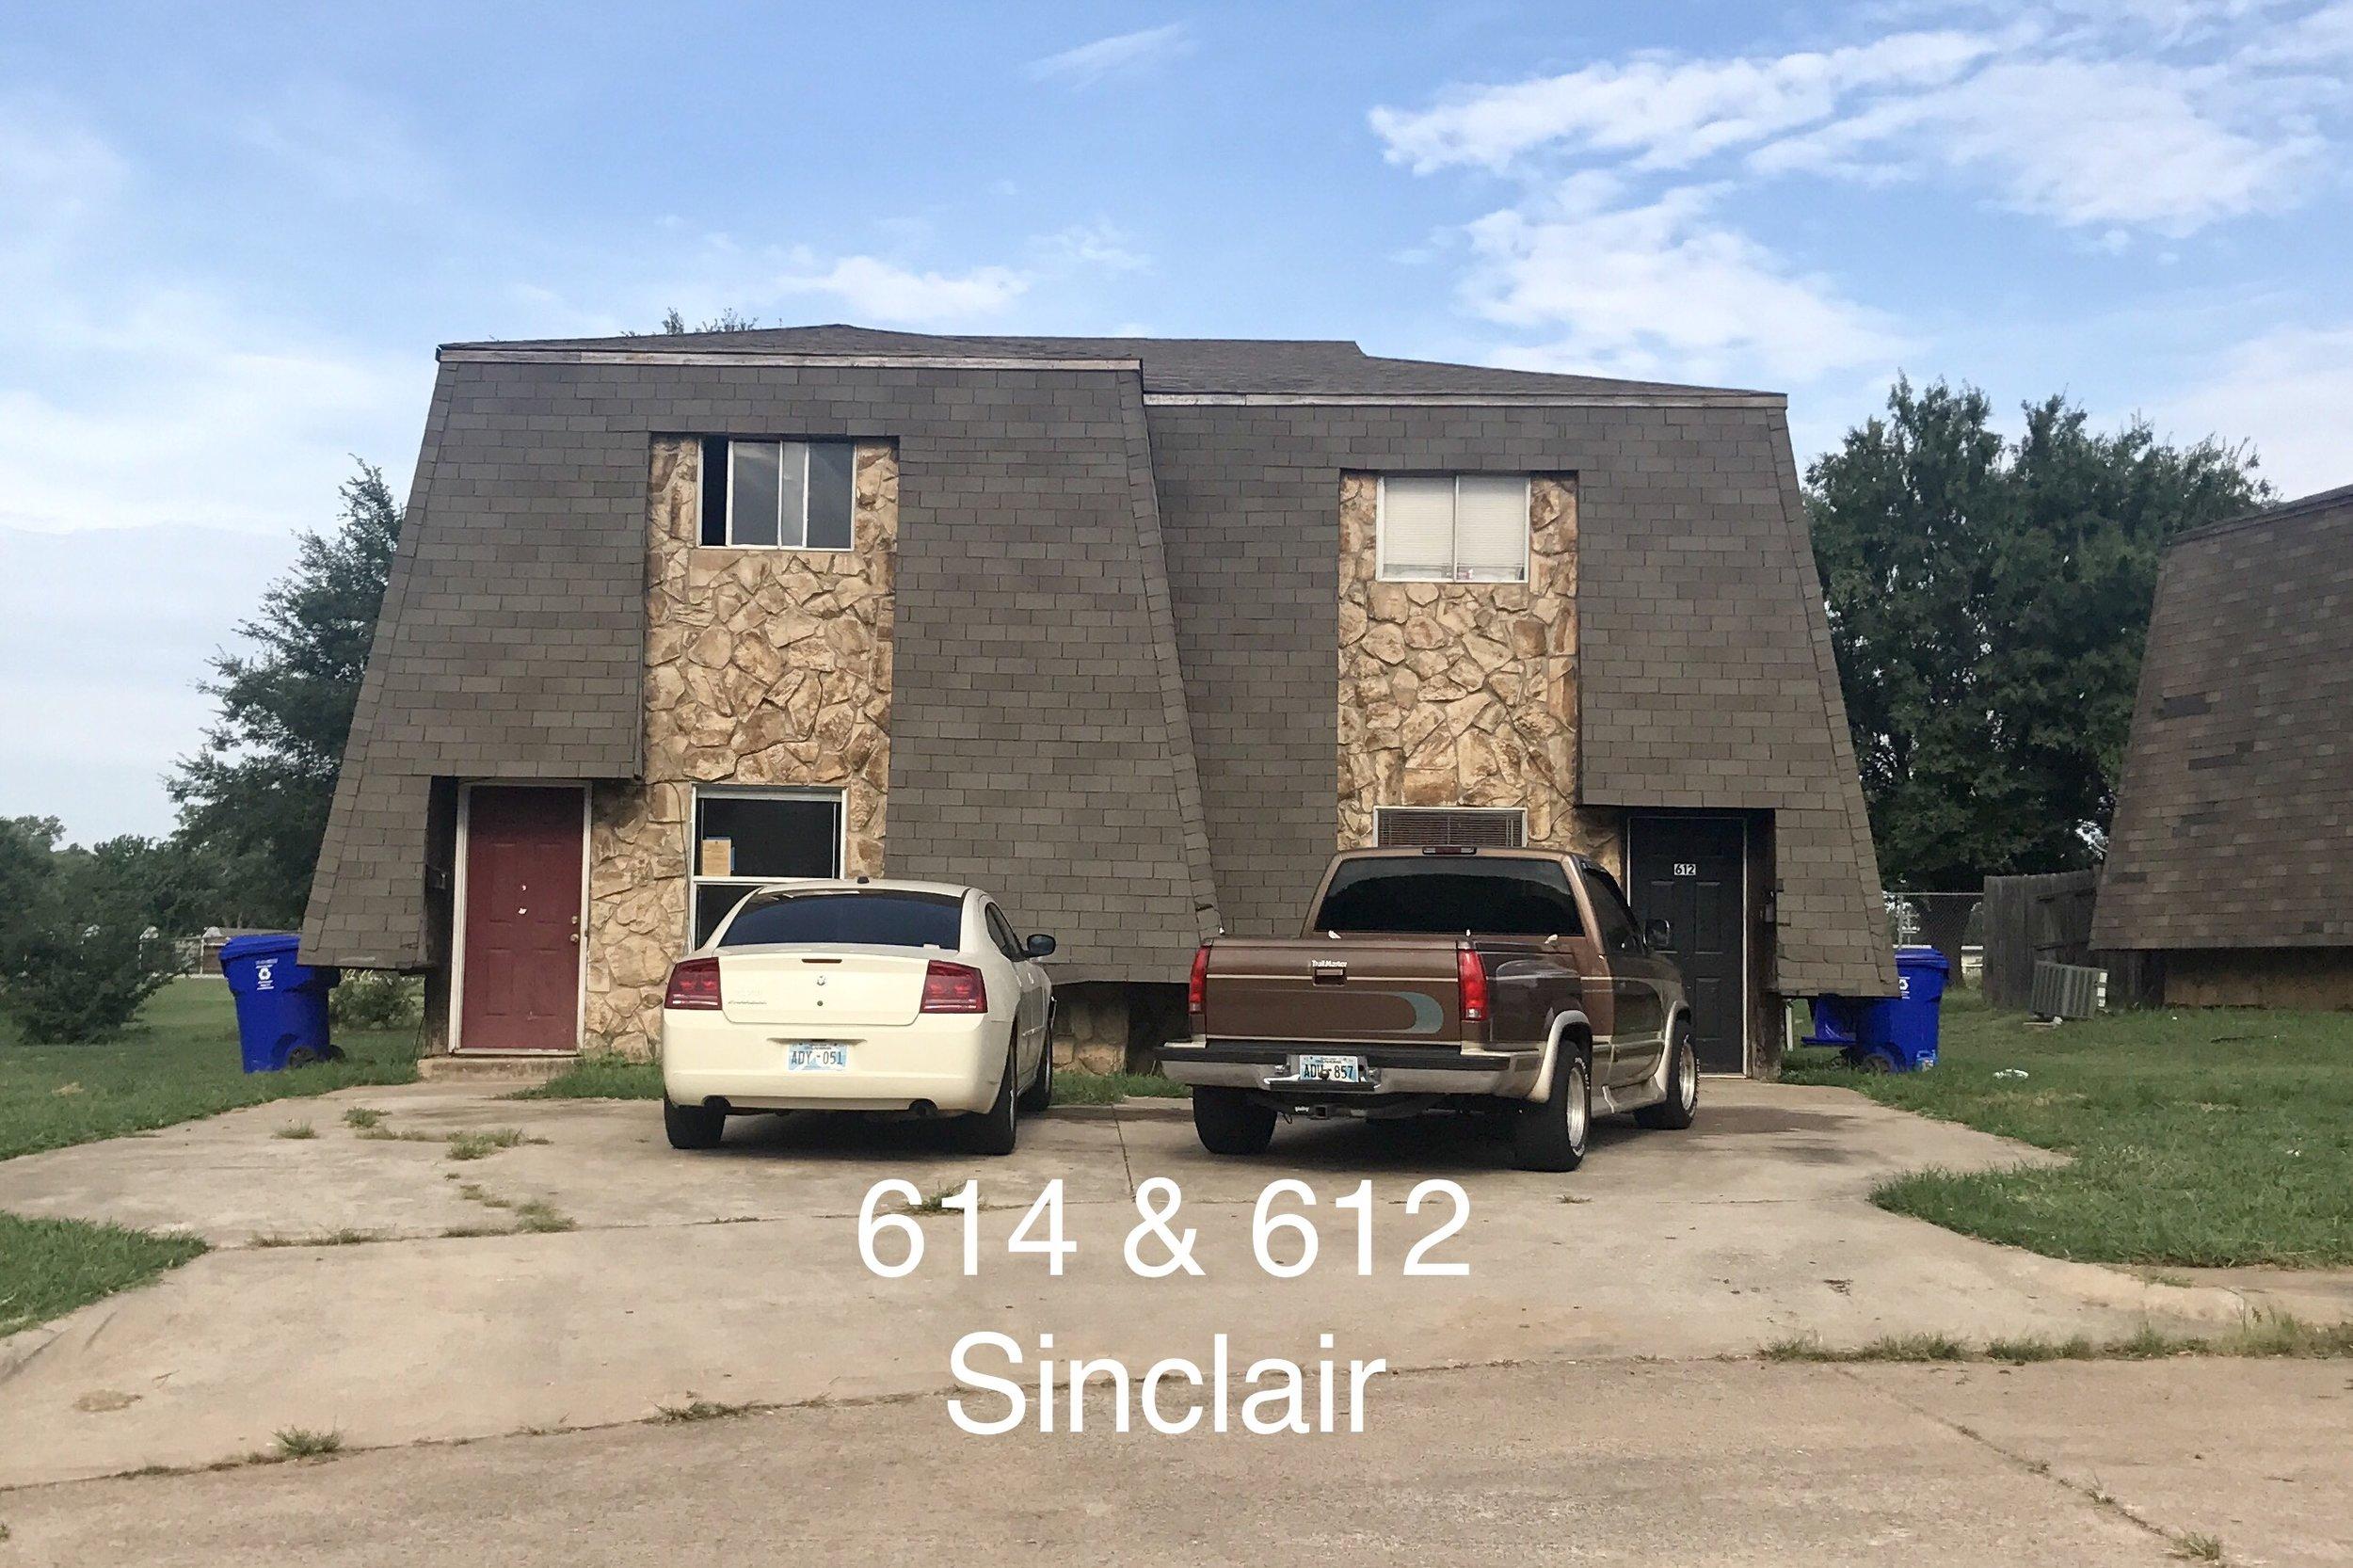 614 & 612 Sinclair.jpg